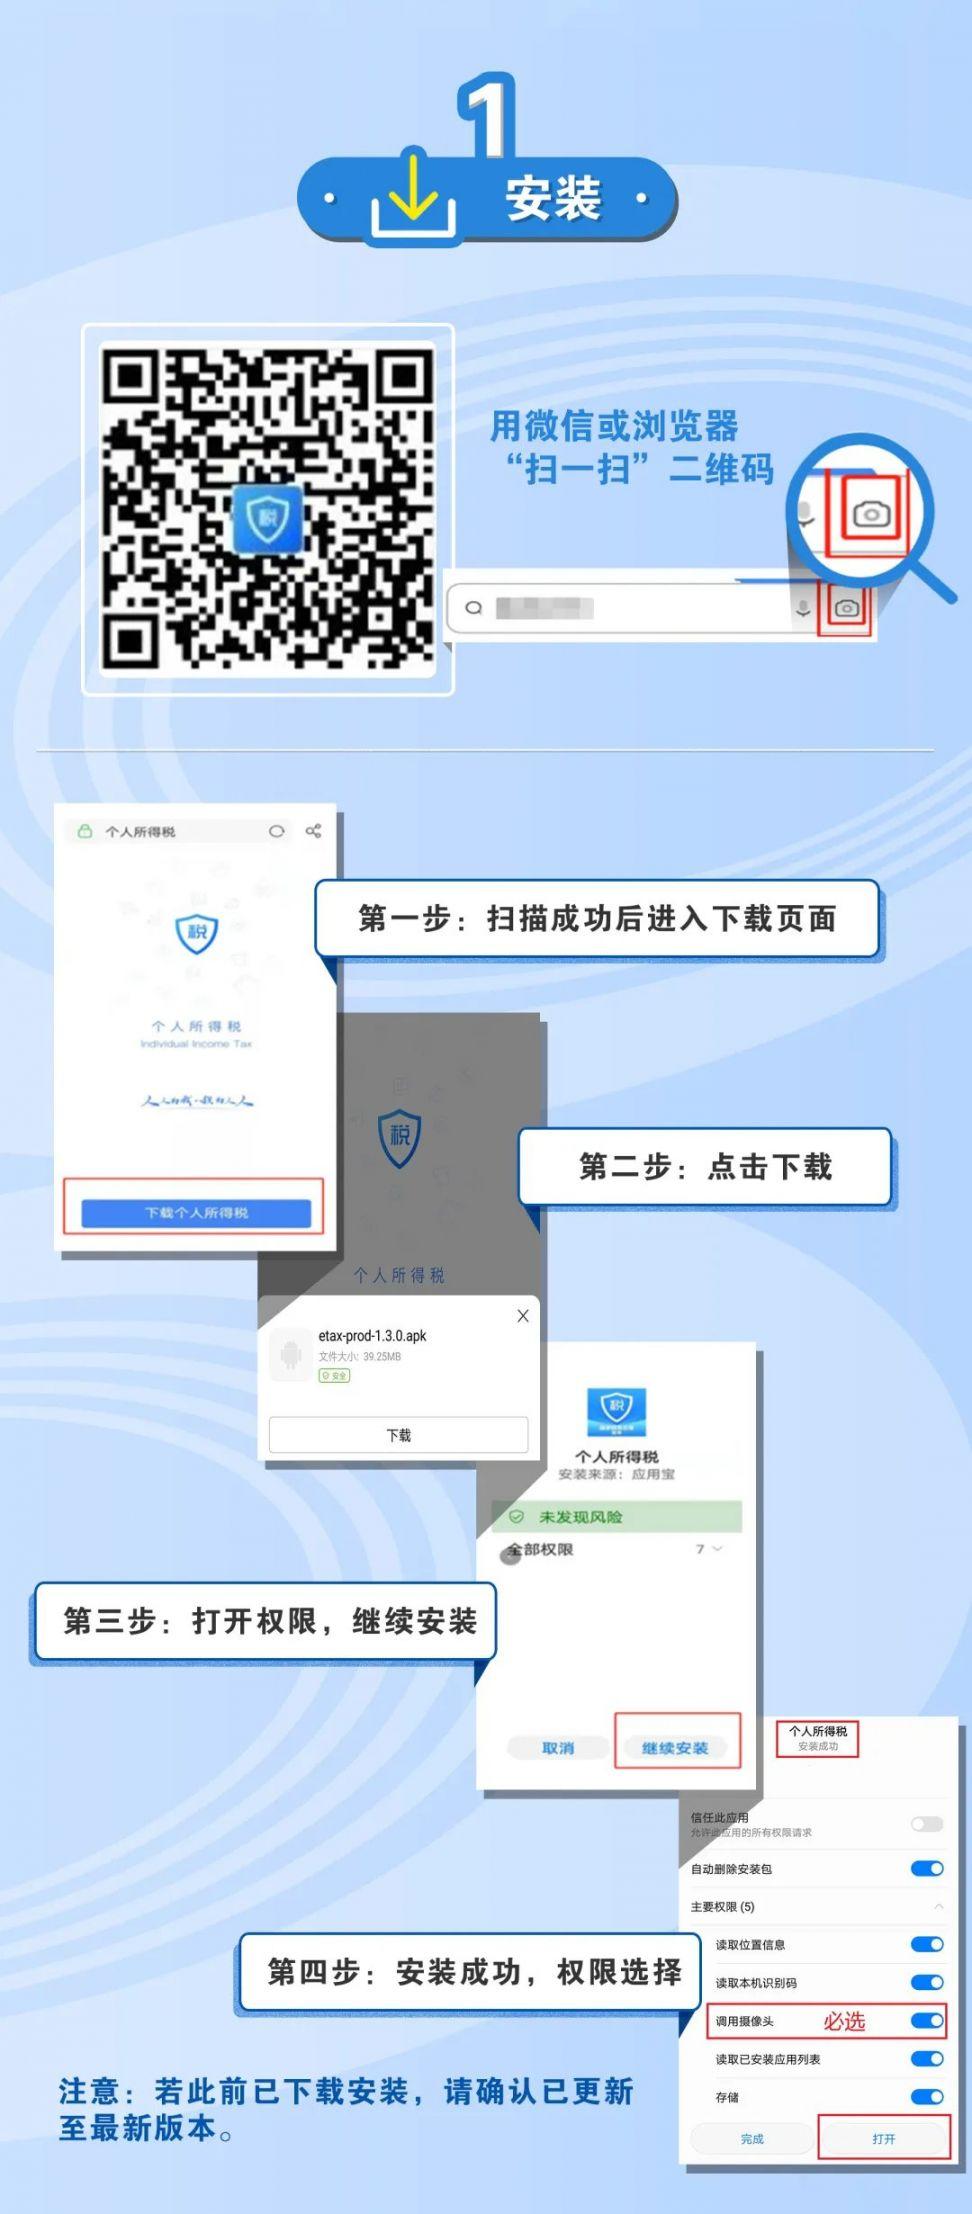 http://www.umeiwen.com/zhichang/1739665.html